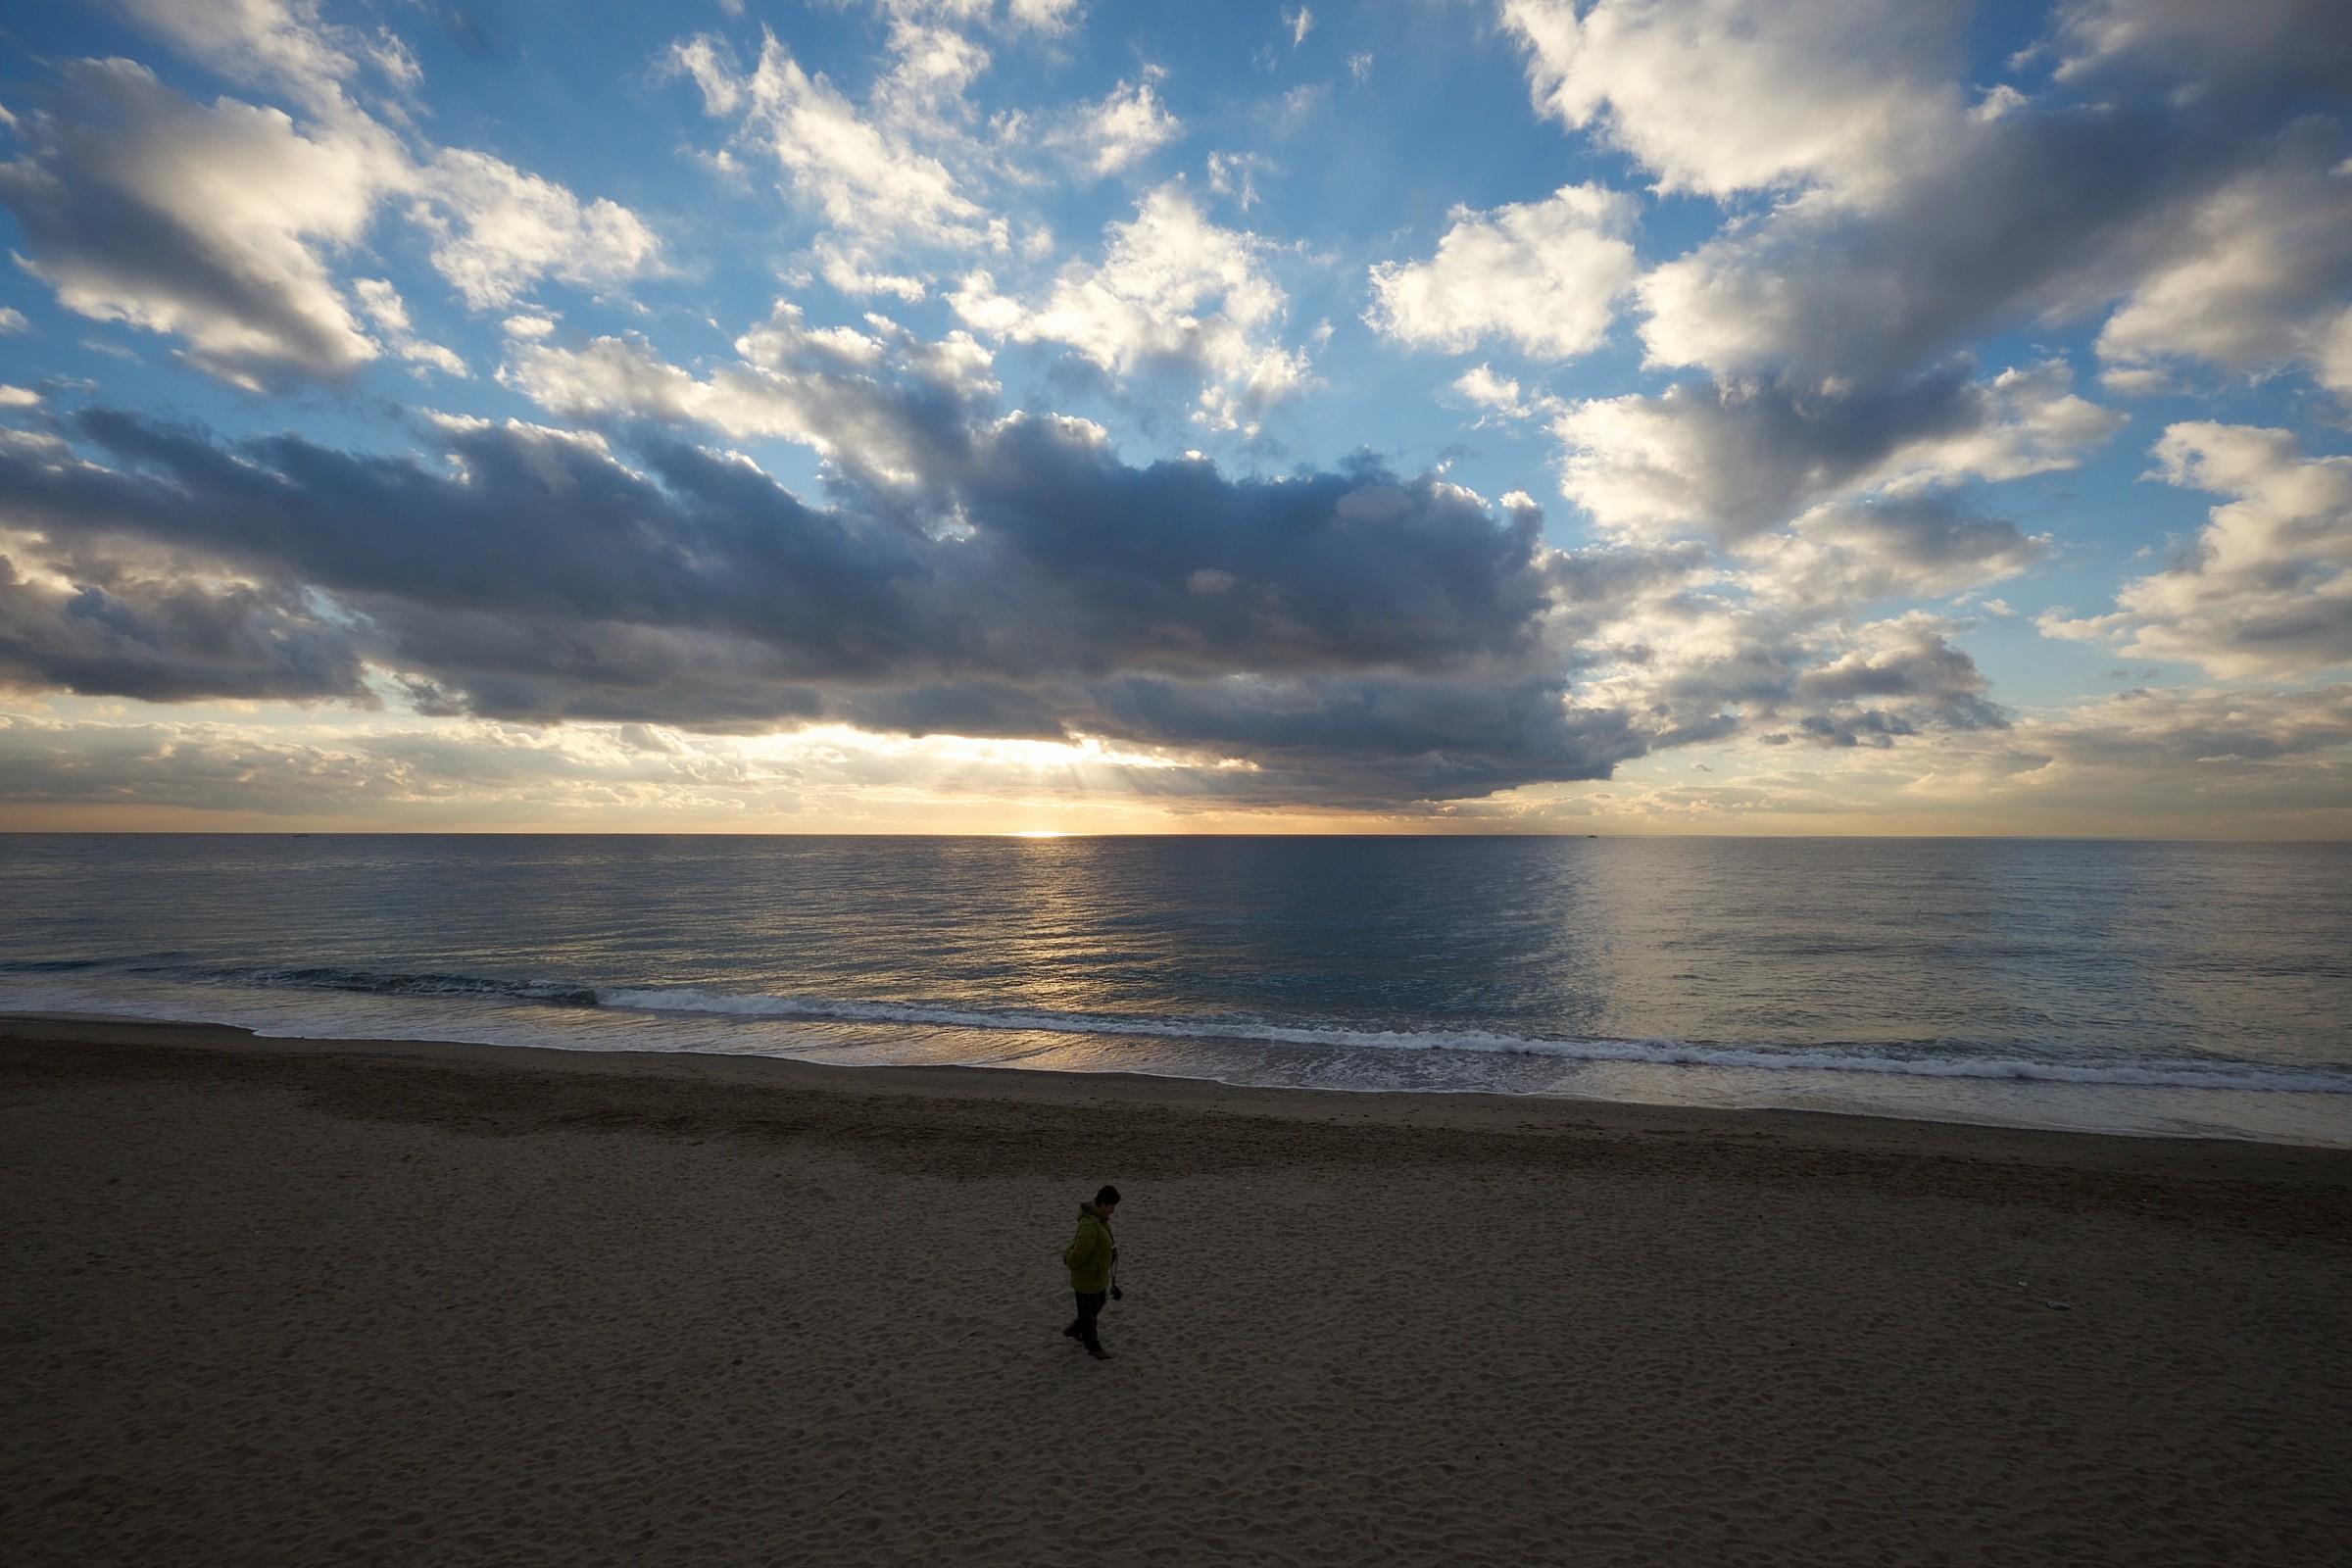 Spiaggia_1...